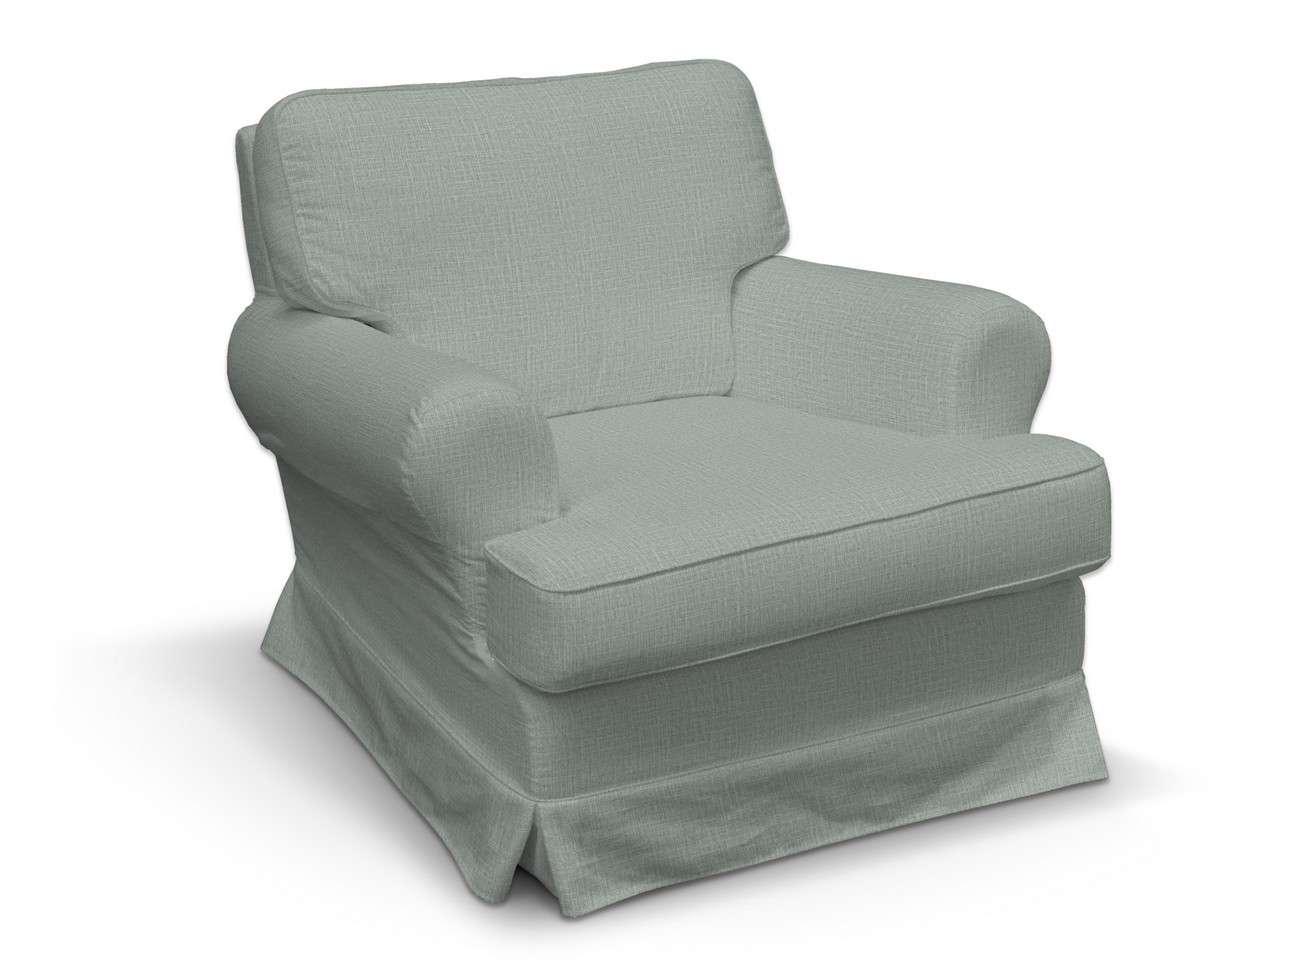 Pokrowiec na fotel Barkaby w kolekcji Living II, tkanina: 160-86